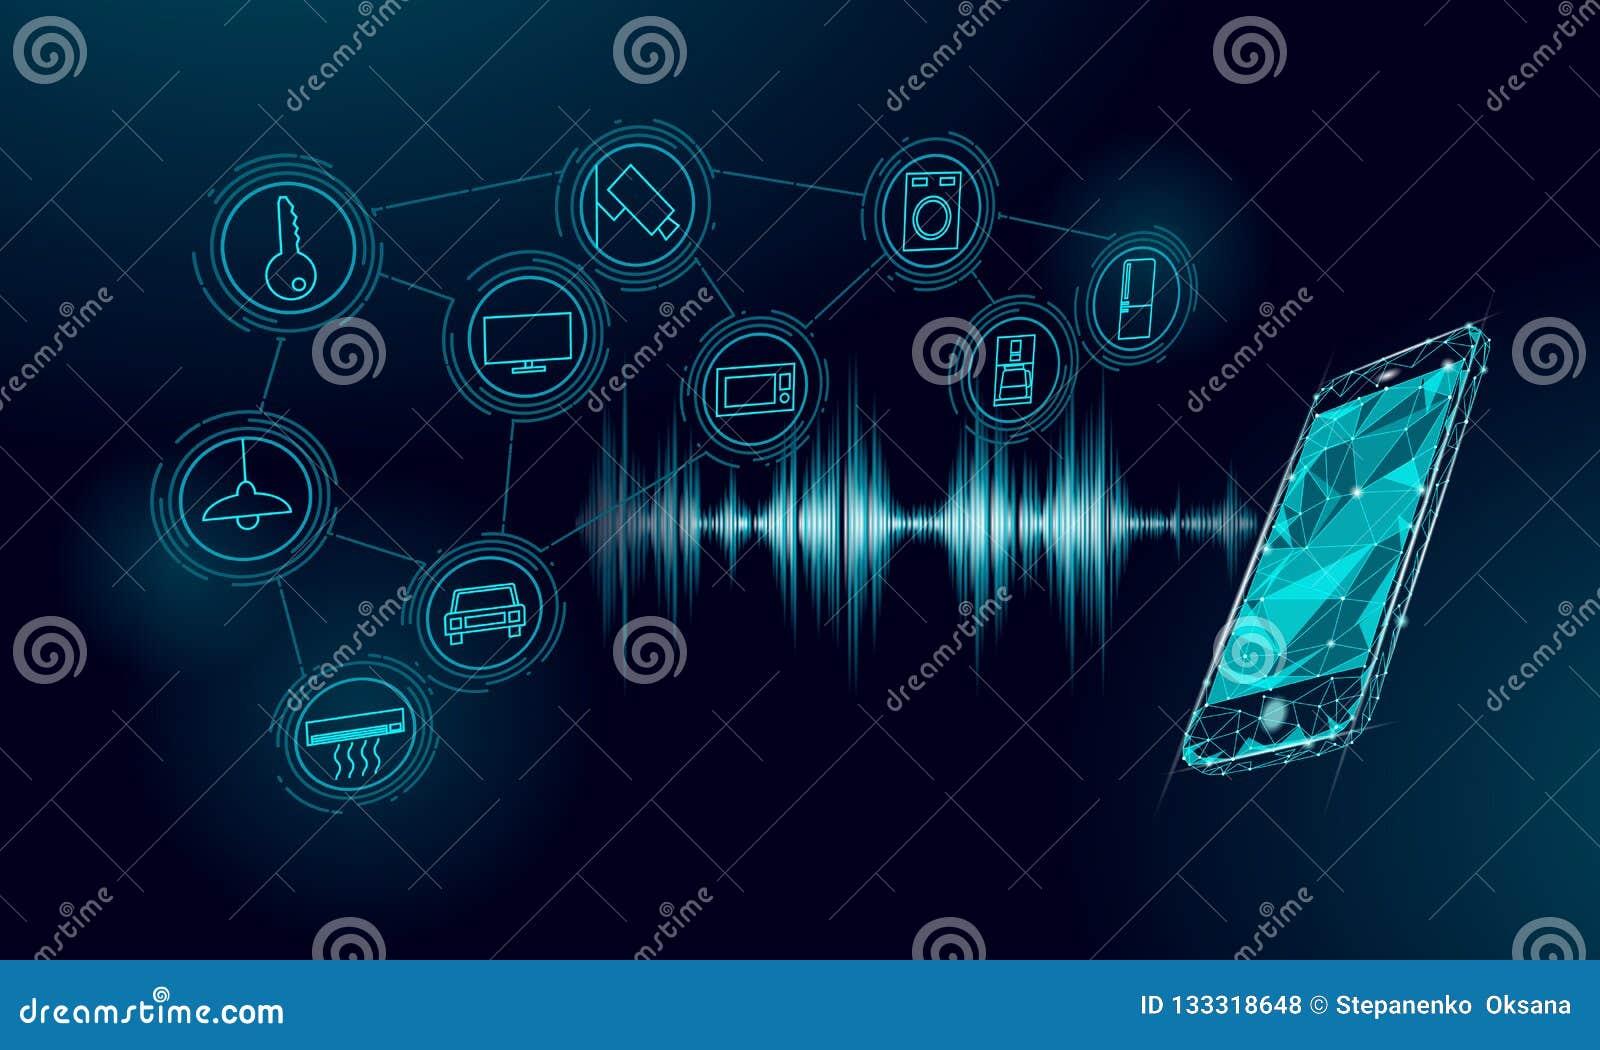 Βοηθητικός έξυπνος εγχώριος έλεγχος φωνής Διαδίκτυο της έννοιας τεχνολογίας καινοτομίας εικονιδίων πραγμάτων Ασύρματο δίκτυο soun